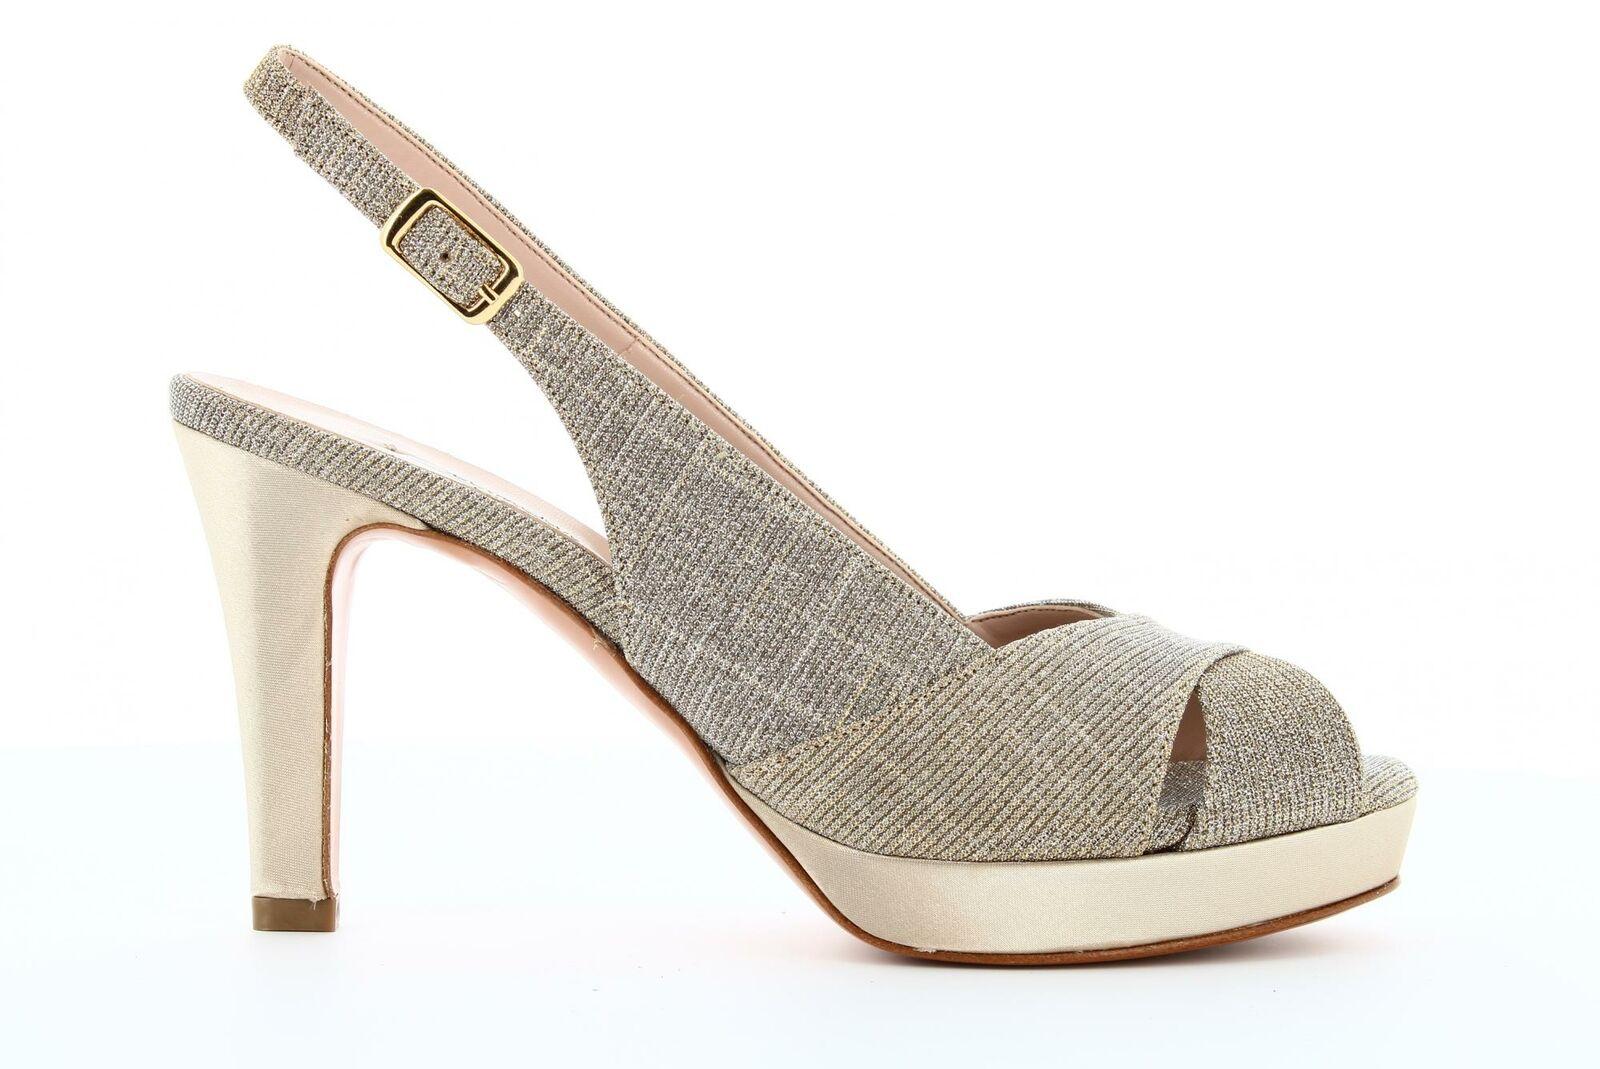 L& 039;Amour shoes Woman Sandal 932 Beige mutable p19